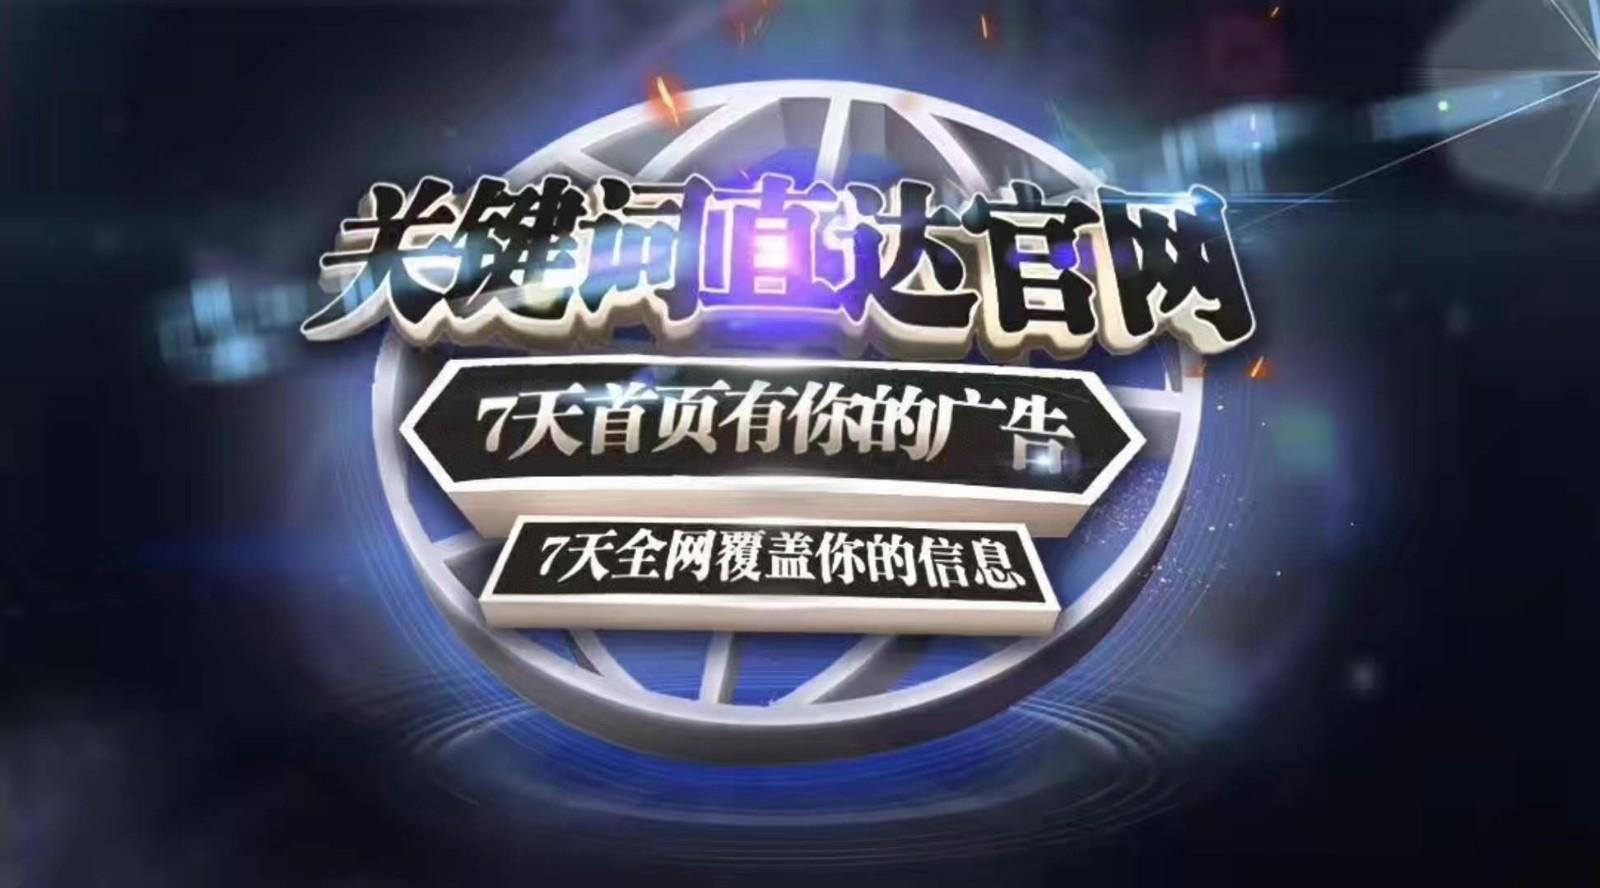 百度seo公司_无忧百贸网